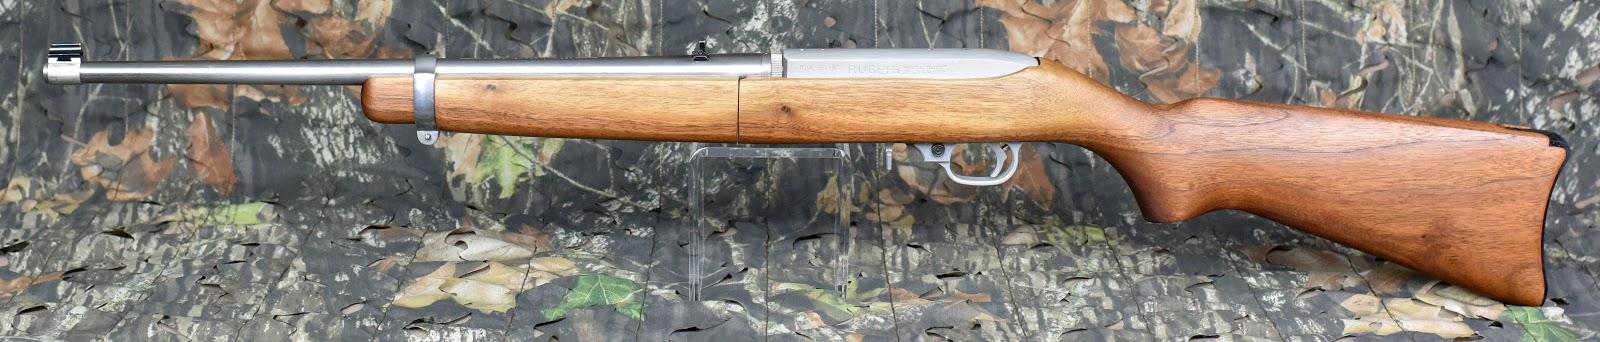 Teak Wood Stocks ~ Ruger takedown wood stocks vintage